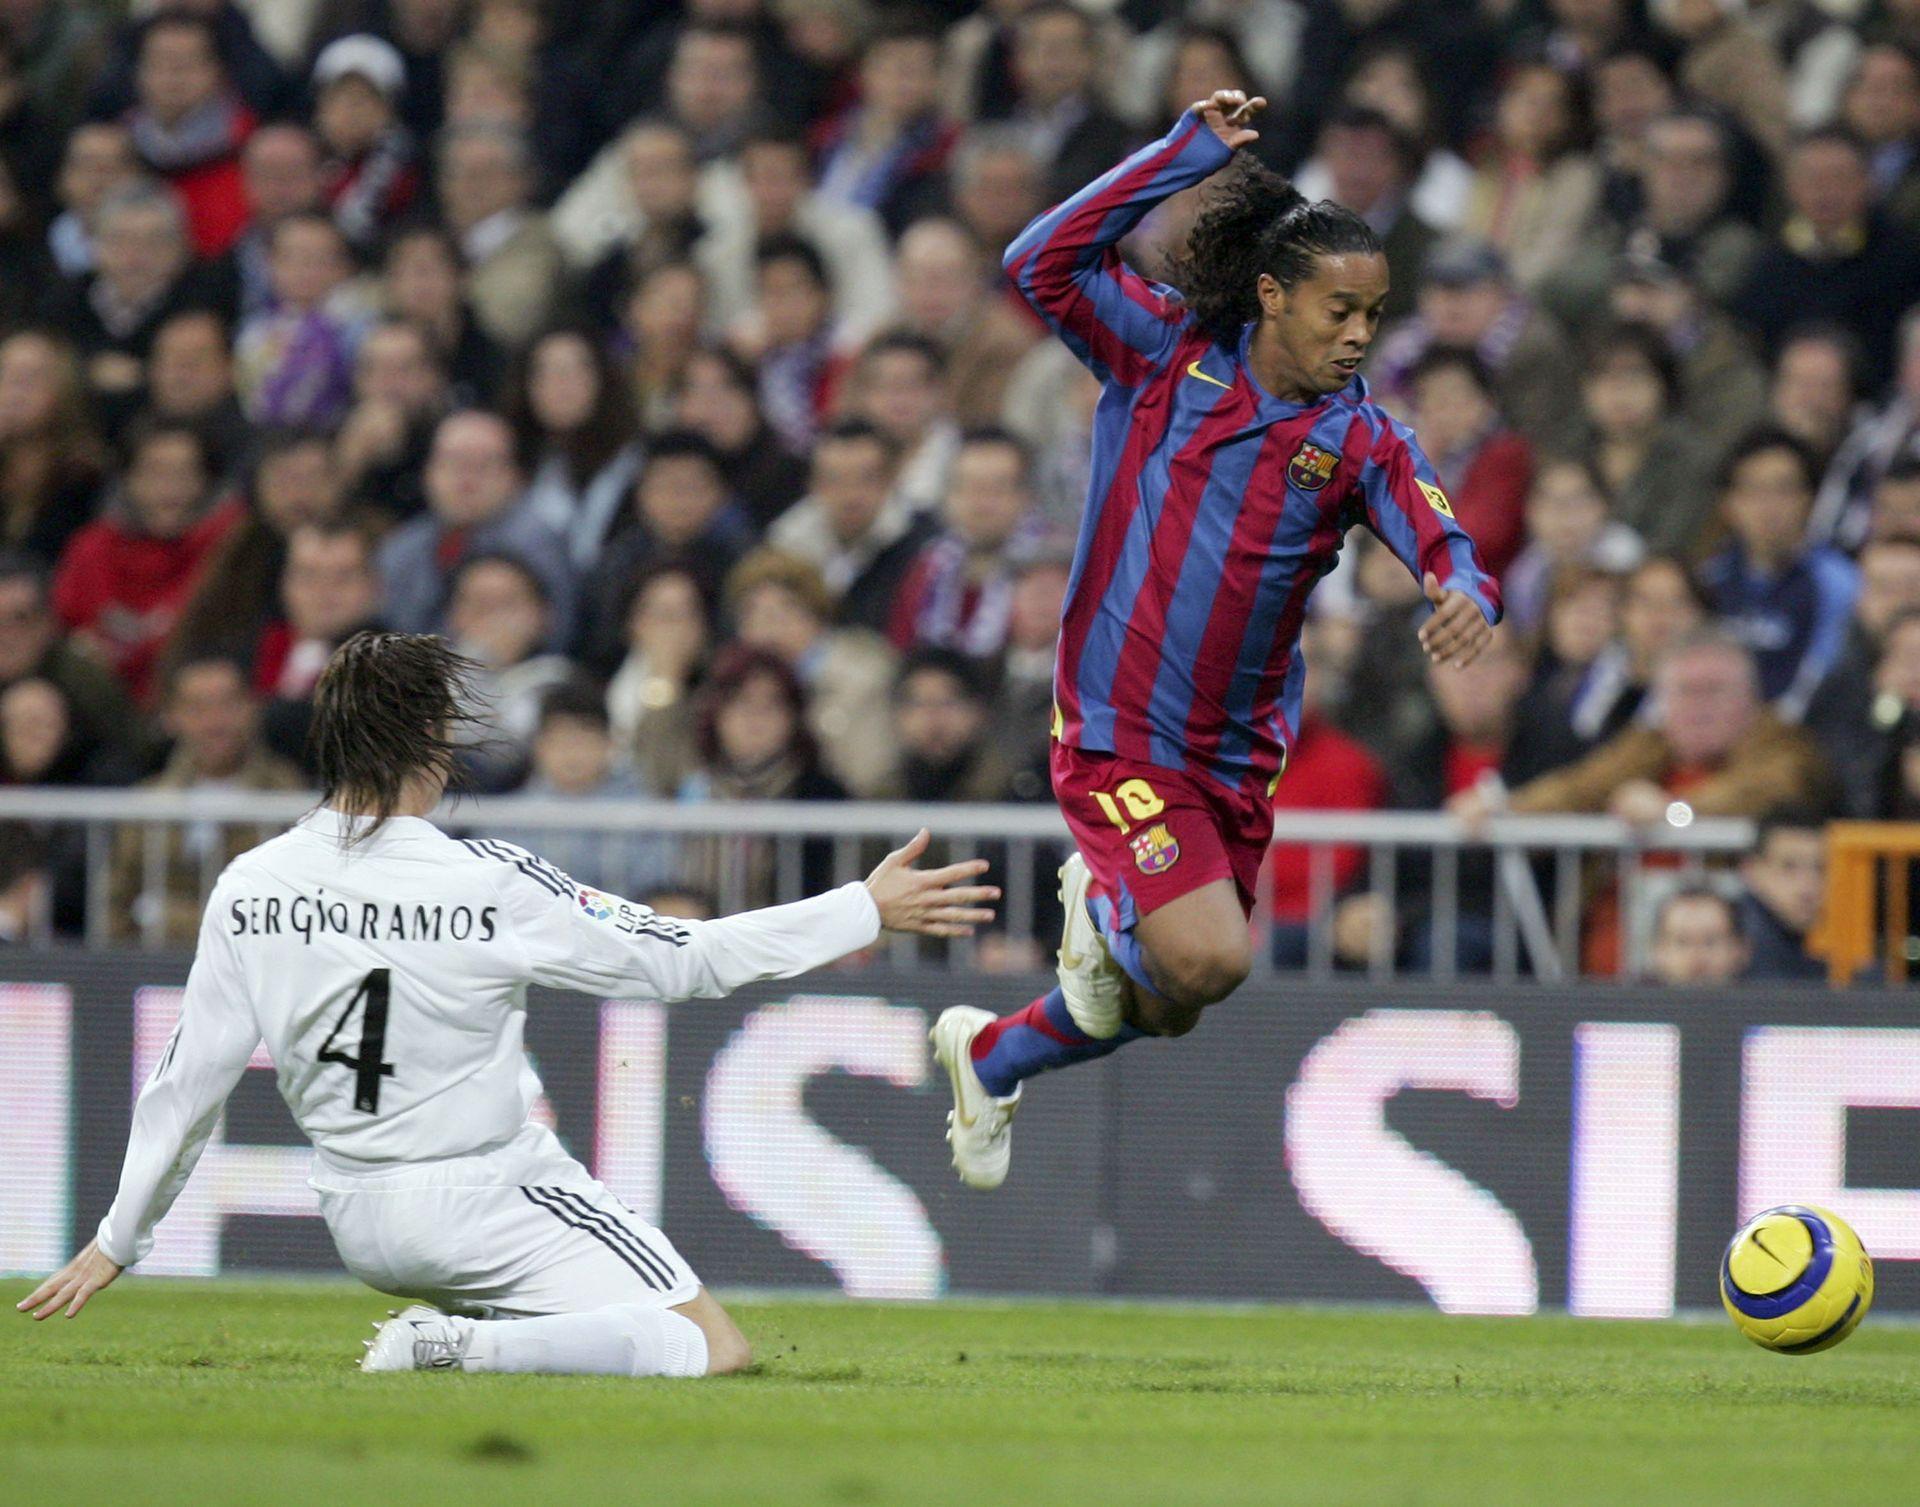 """Роналдиньо стана един от малкото играчи, аплодиран от публиката на съперника в дербито. Бразилецът се подигра с """"Реал"""" за 3:0 насред Мадрид преди 12 години и бе изпратен с ръкопляскания от феновете на """"Реал"""". Снимка: Getty Images"""